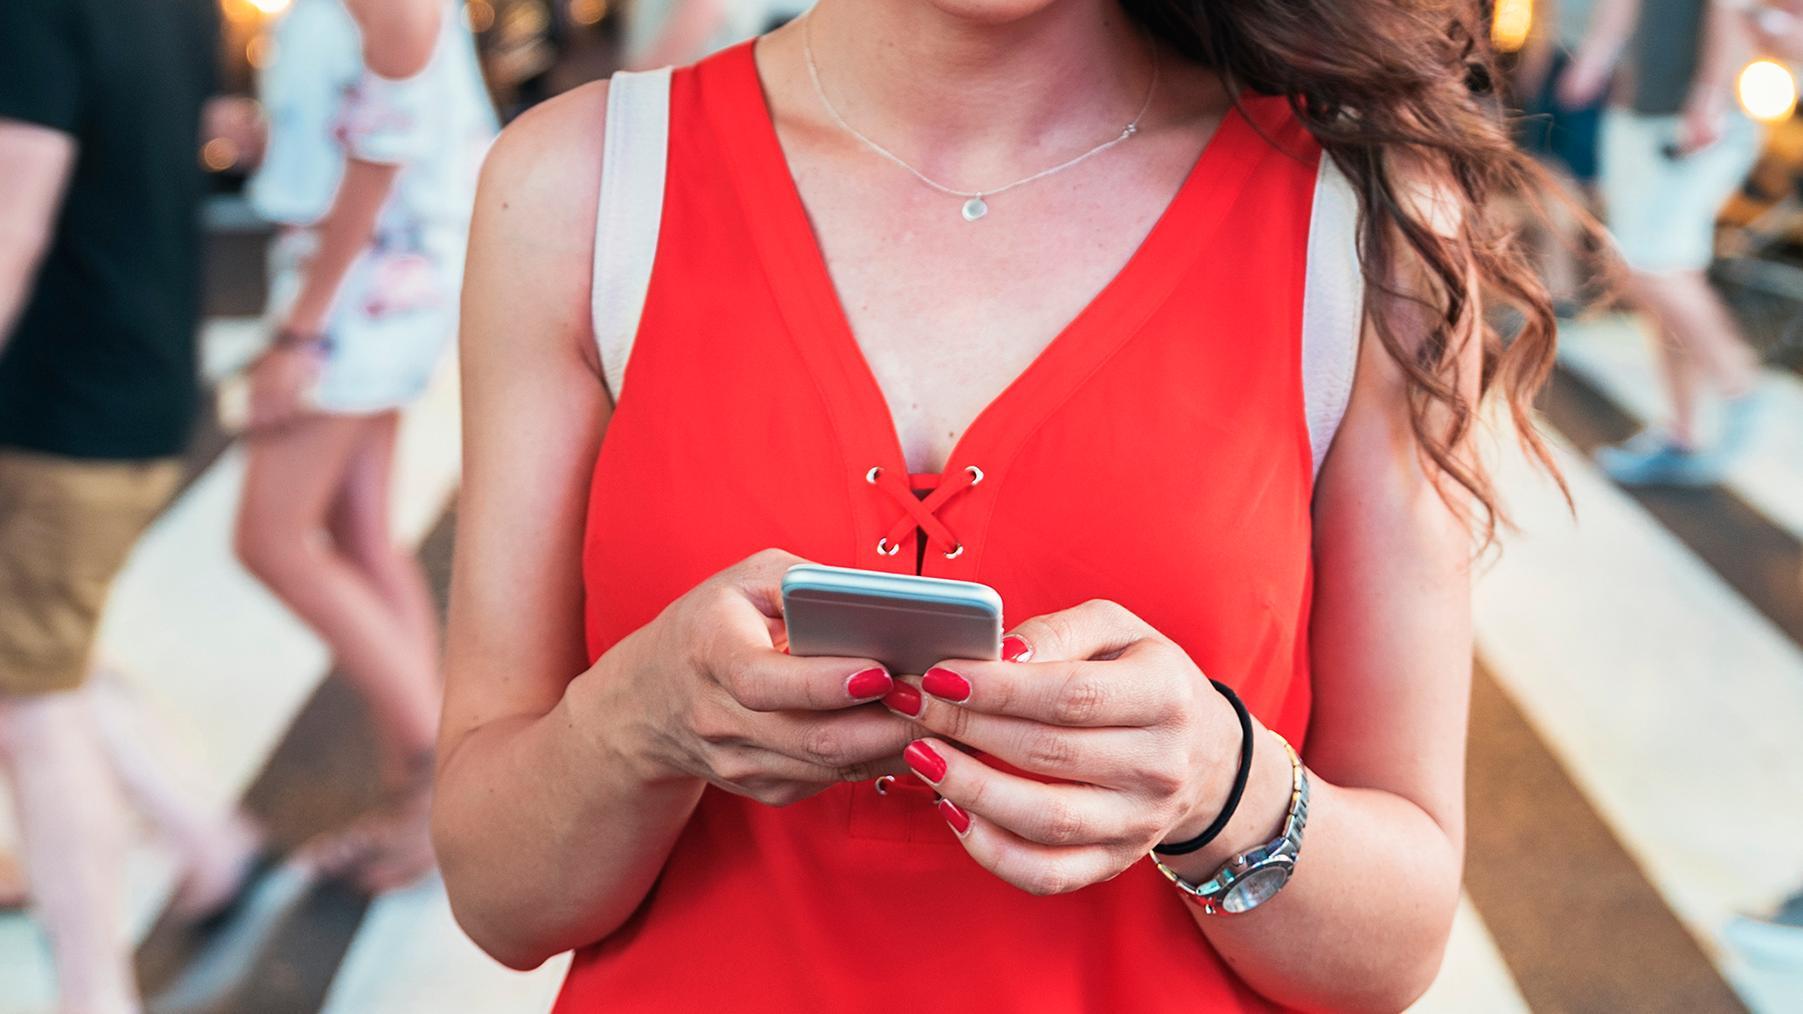 Amerikansk by gjør det forbudt å krysse veien med mobiltelefon